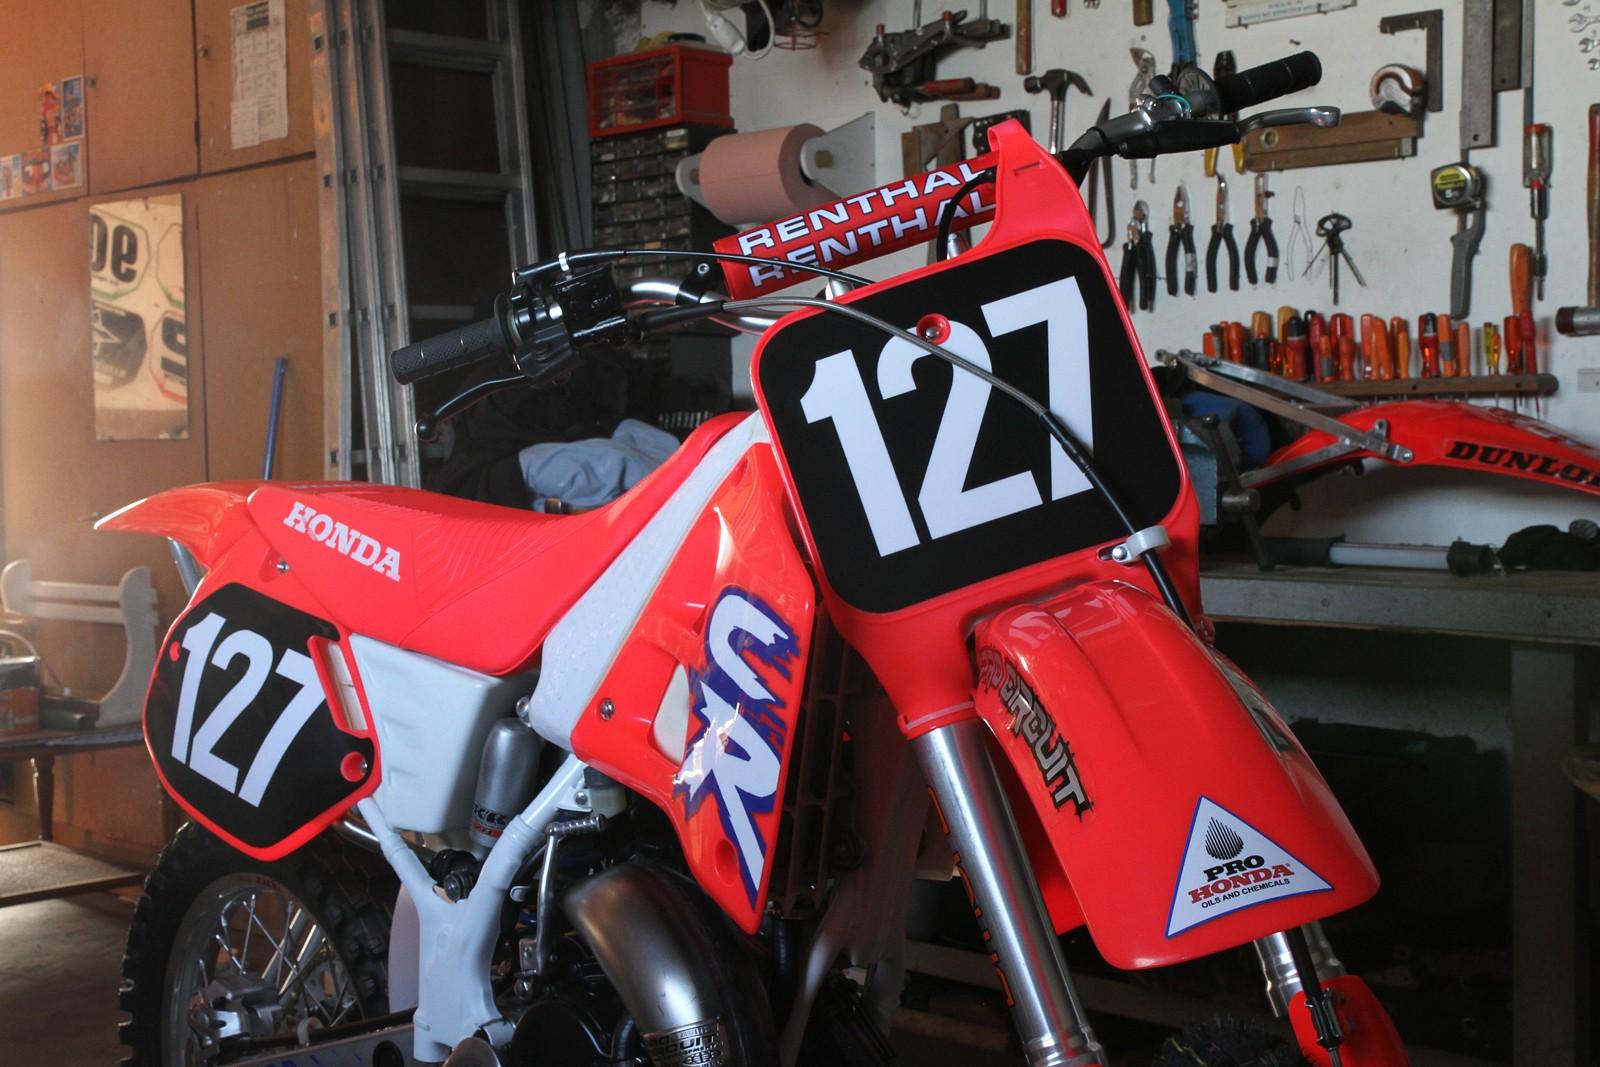 E61179DC-347B-47A9-A167-6497515FD66E - Godcho - Motocross Pictures - Vital MX